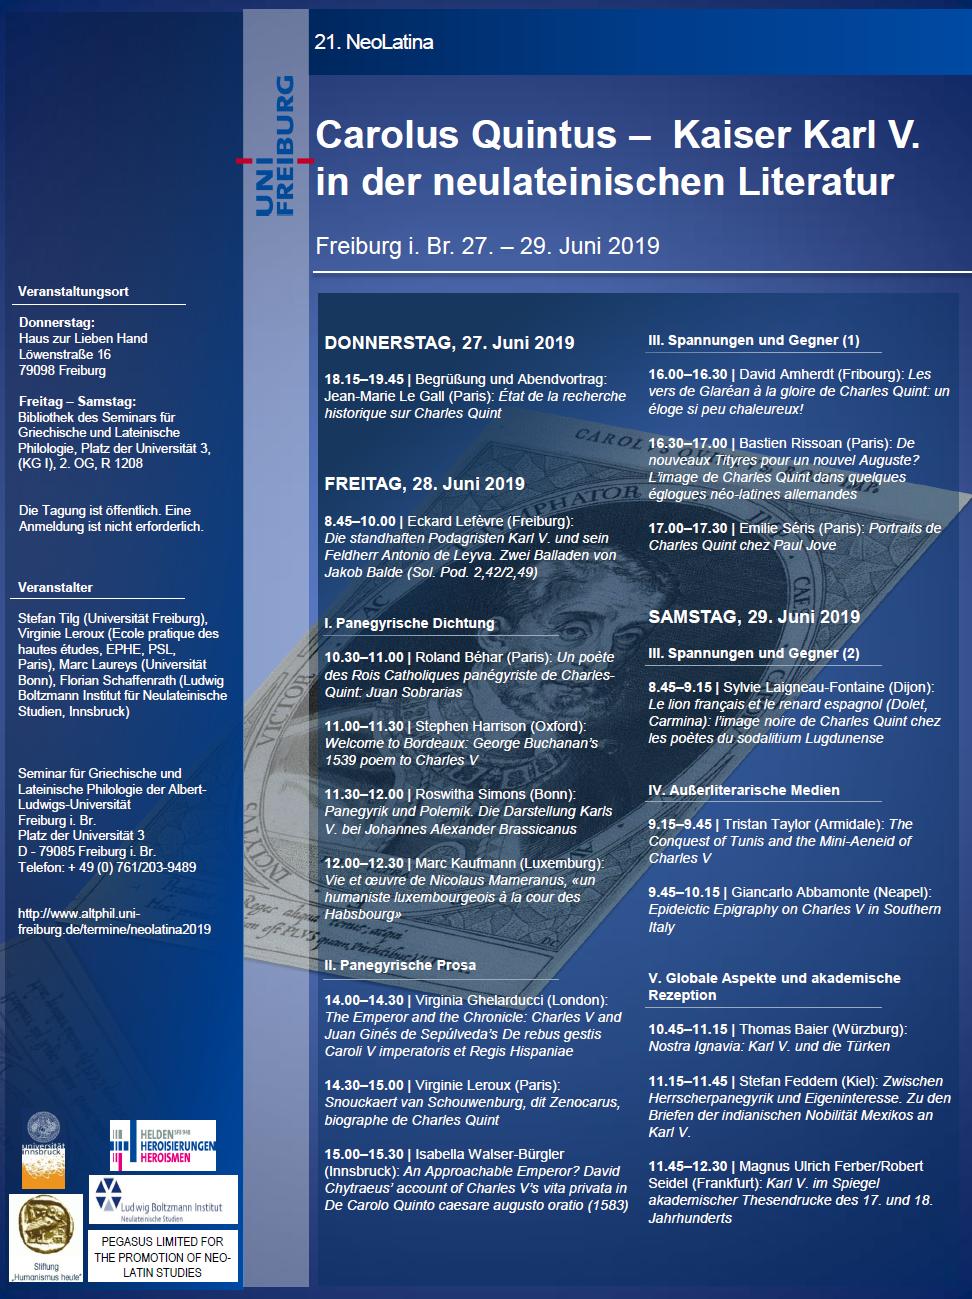 Carolus Quintus: Kaiser Karl V. in der neulateinischen Literatur